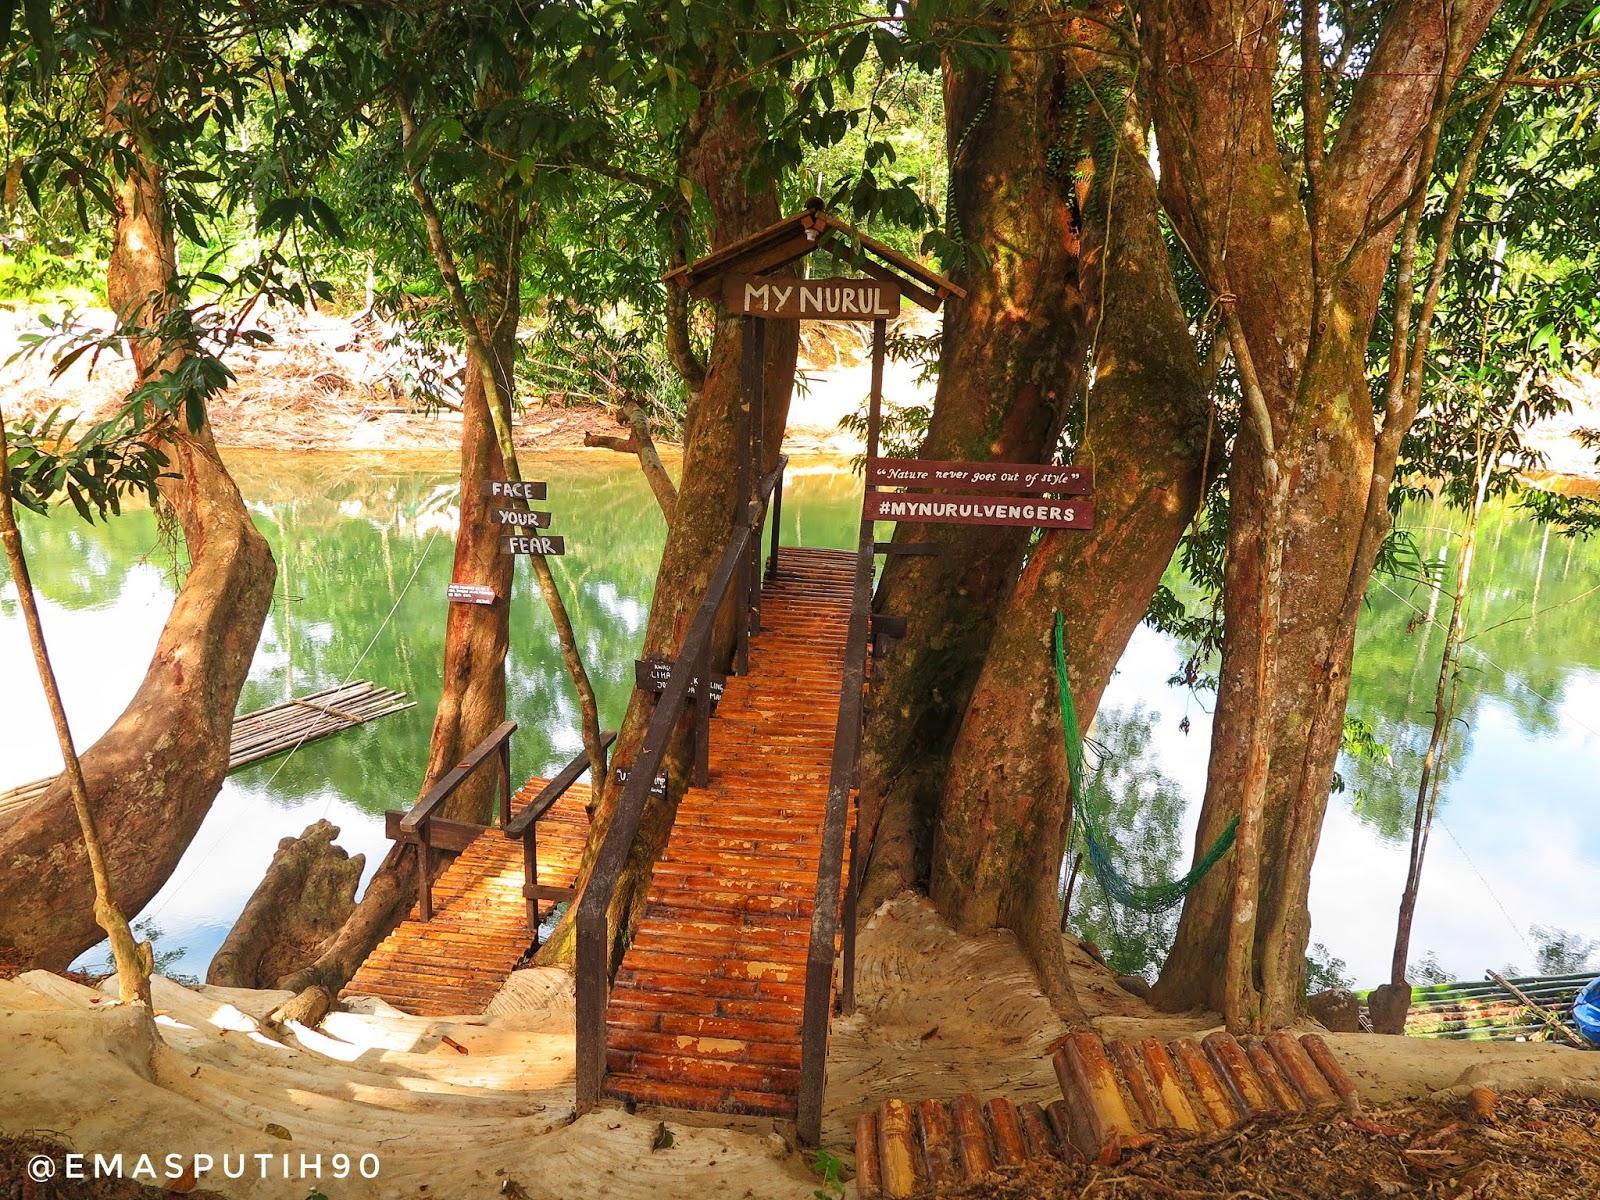 Tempat Menarik Di Kota Kinabalu 2018 My Nurul Homestay Emas Putih